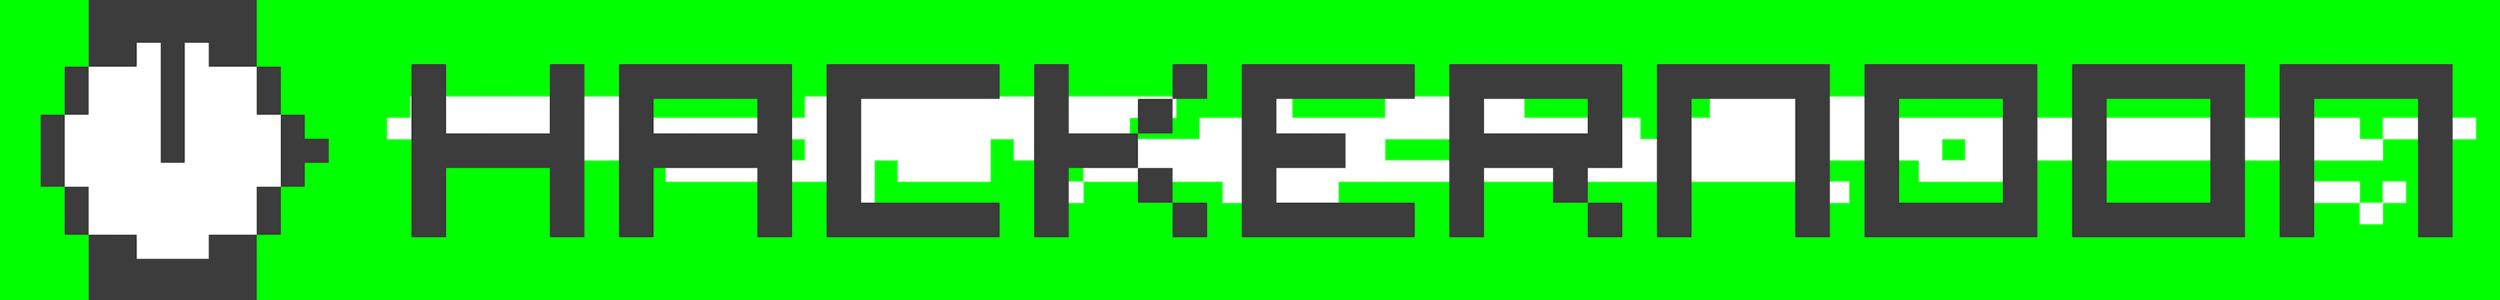 Hacker_Noon_Jobs_copy.png